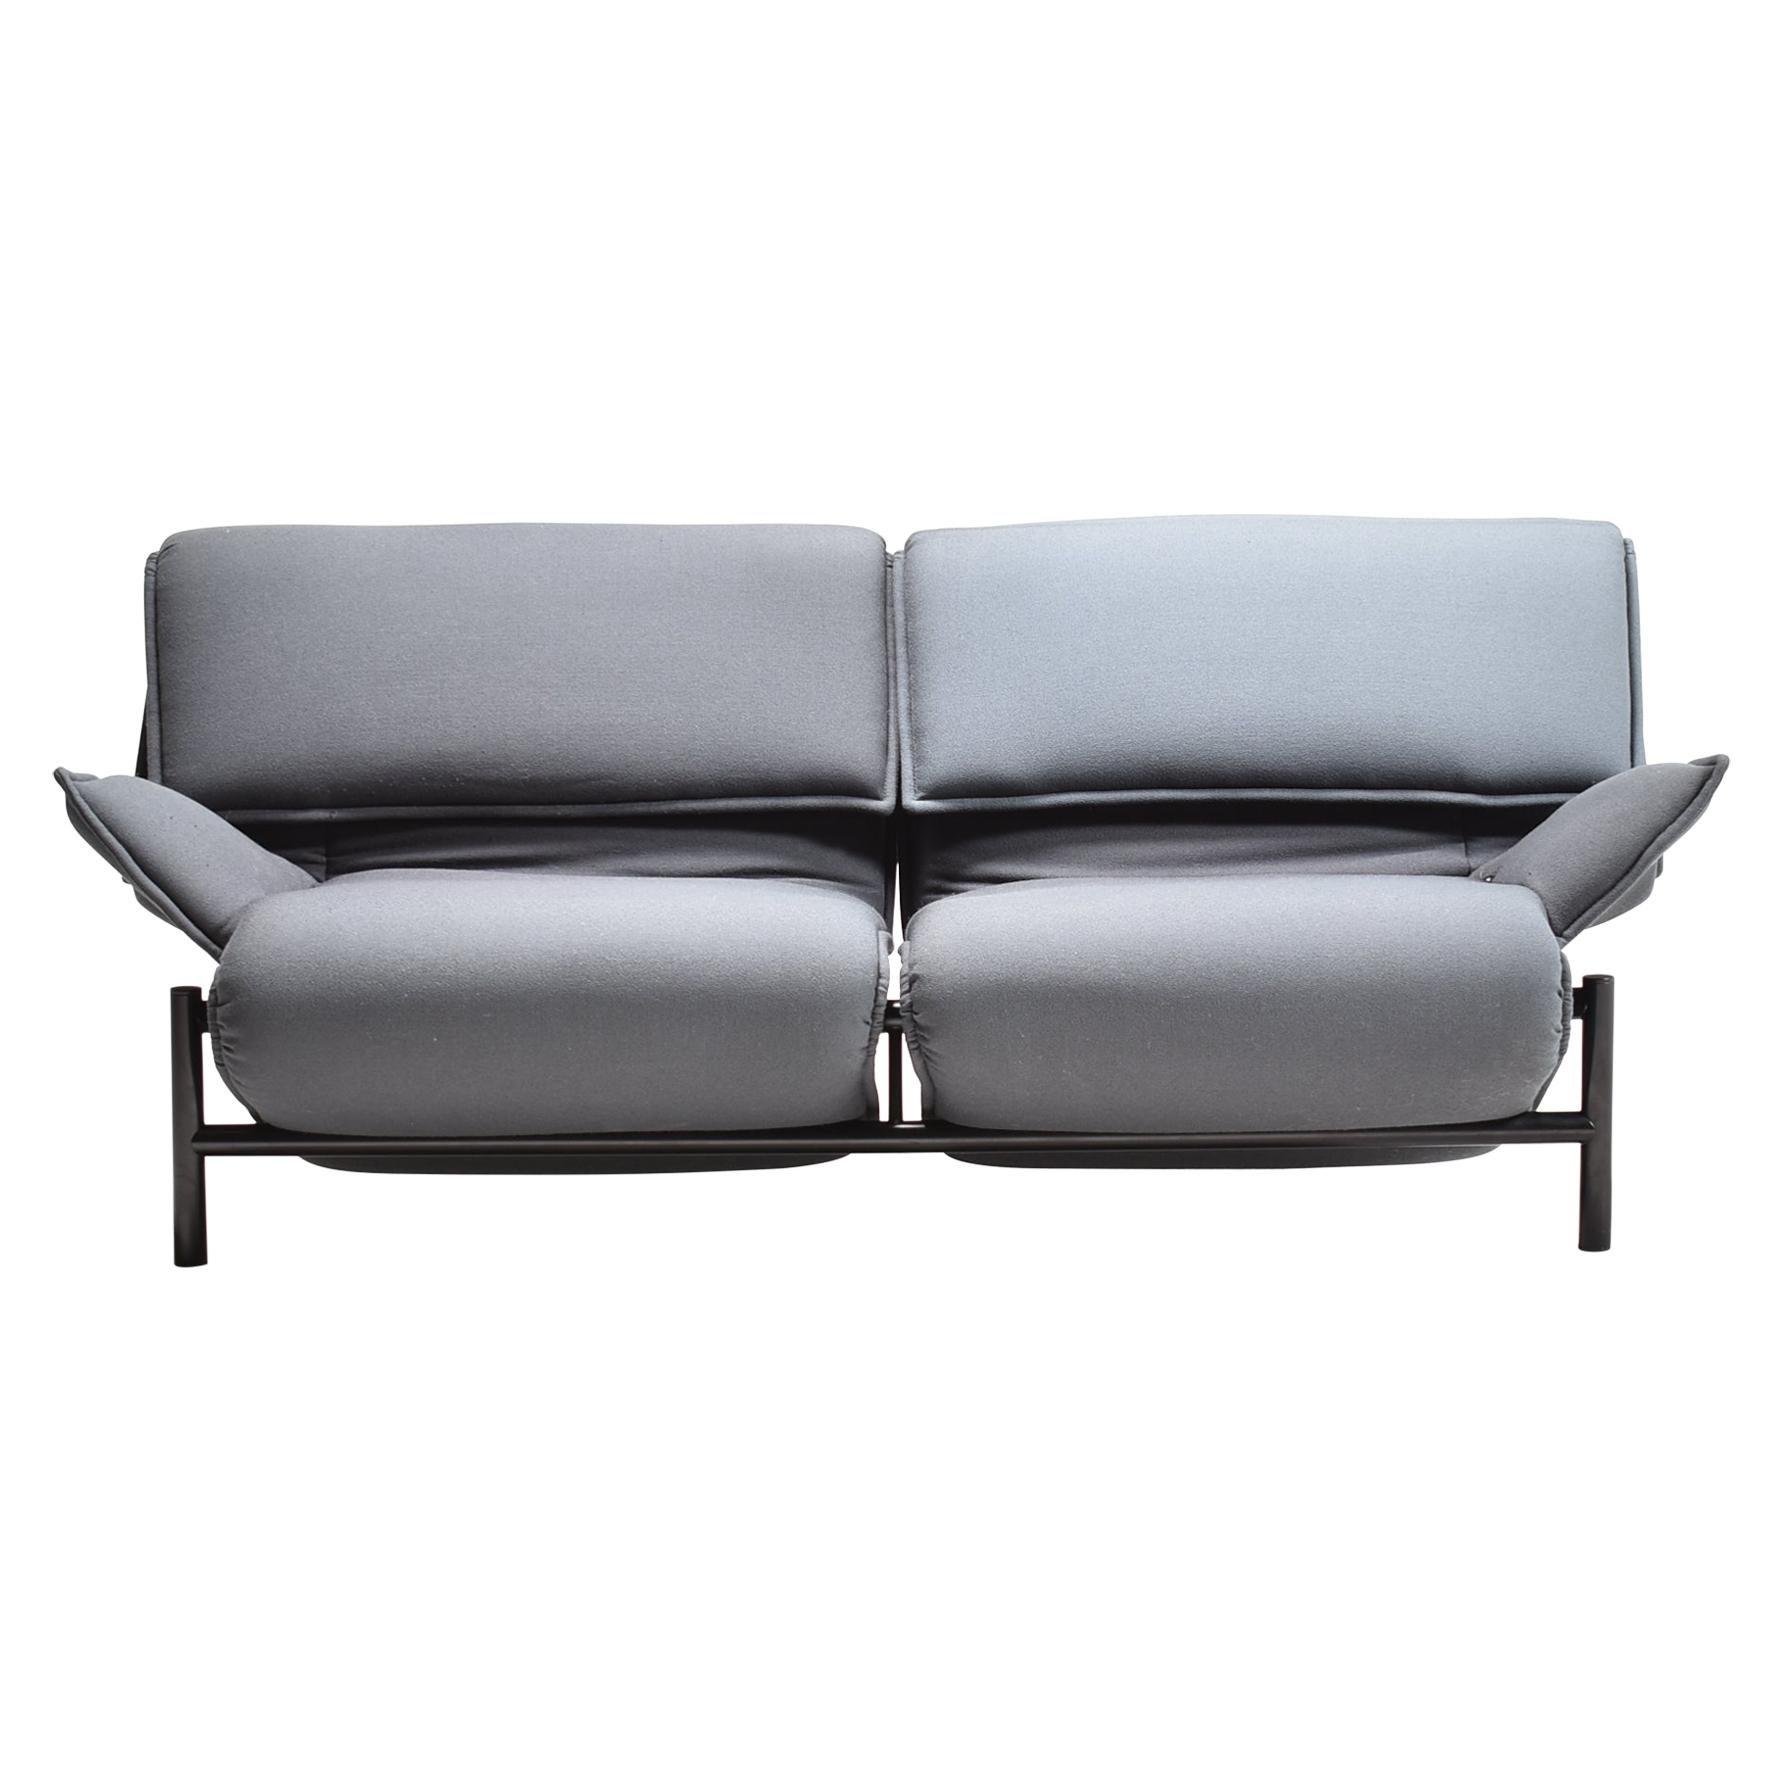 Grey Veranda Sofa for Cassina Designed by Vico Magistretti, Italy, 1980